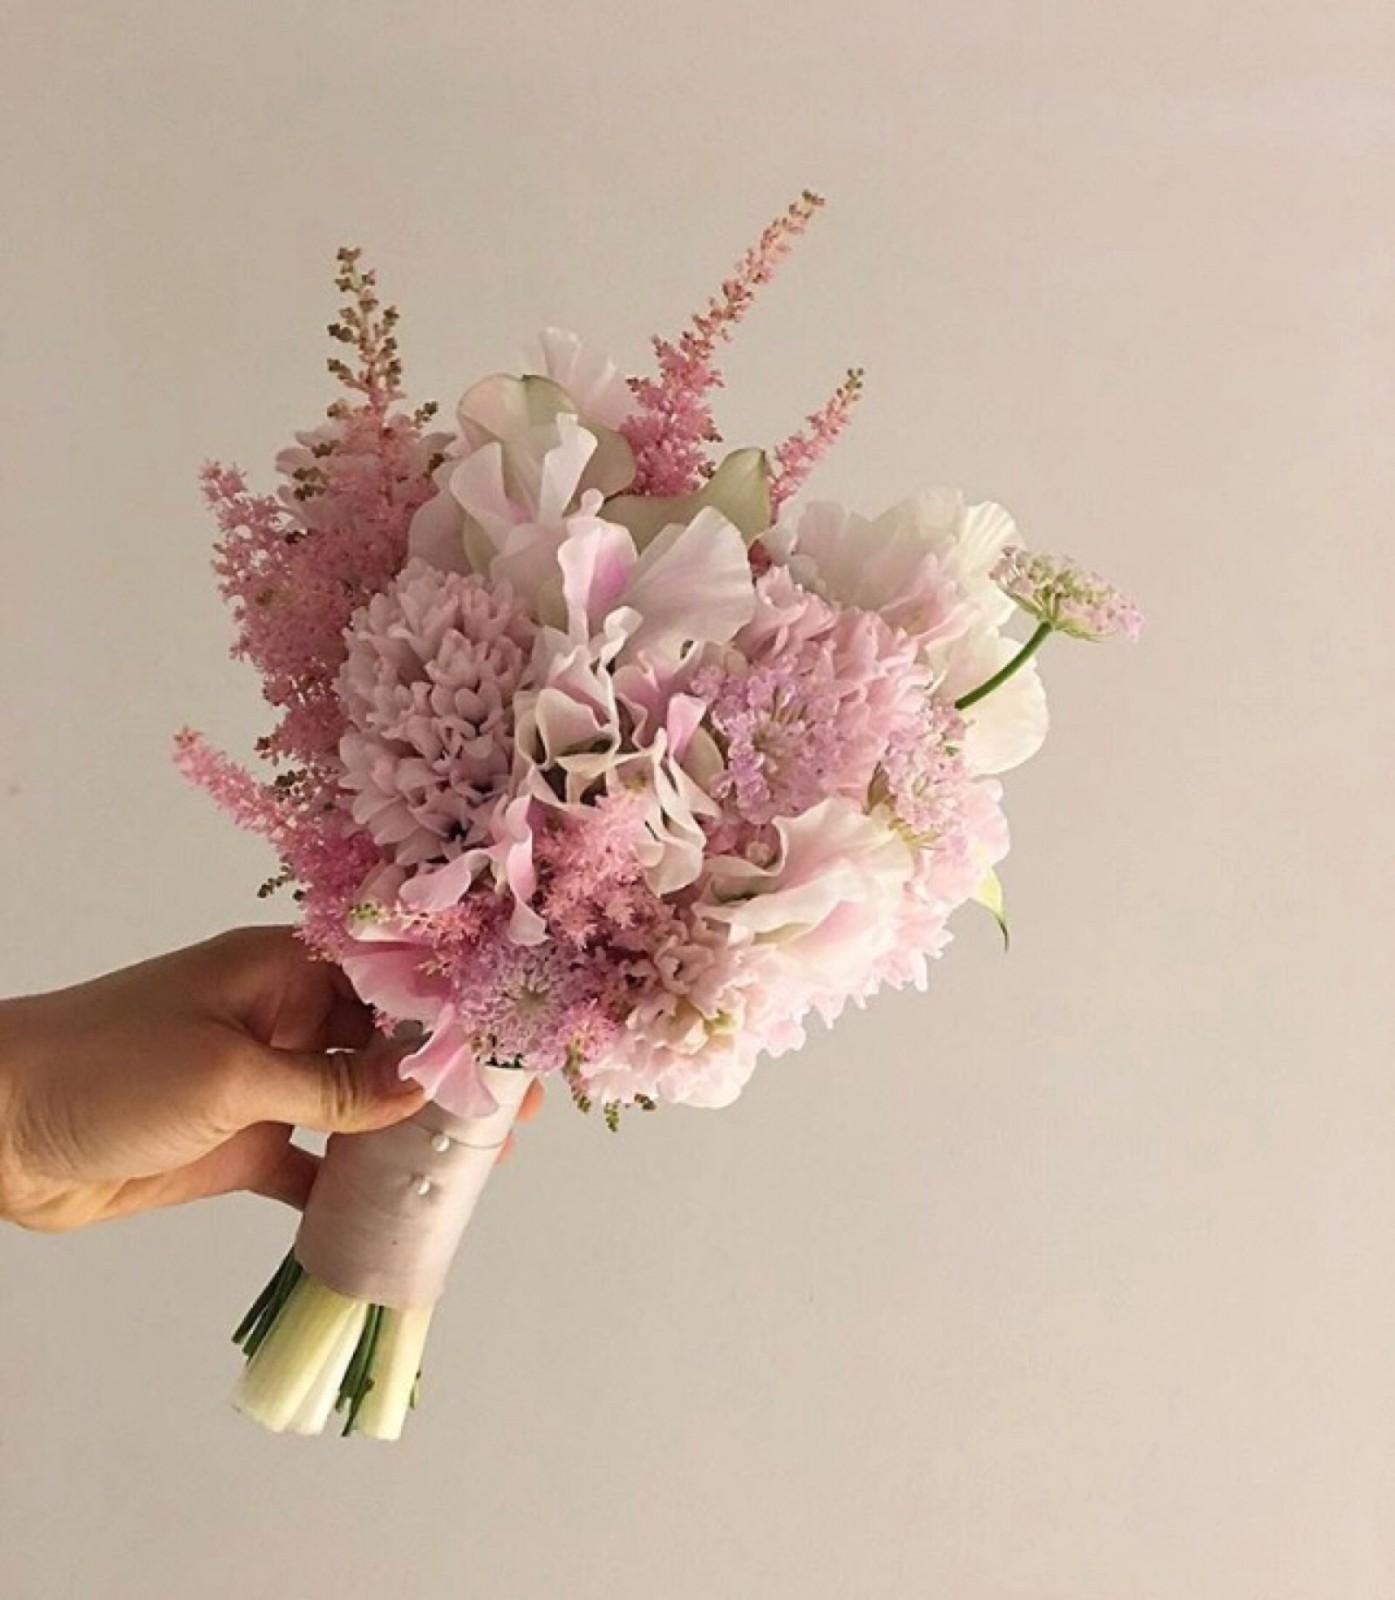 收到花的心情短语 女人收到花的心情短语